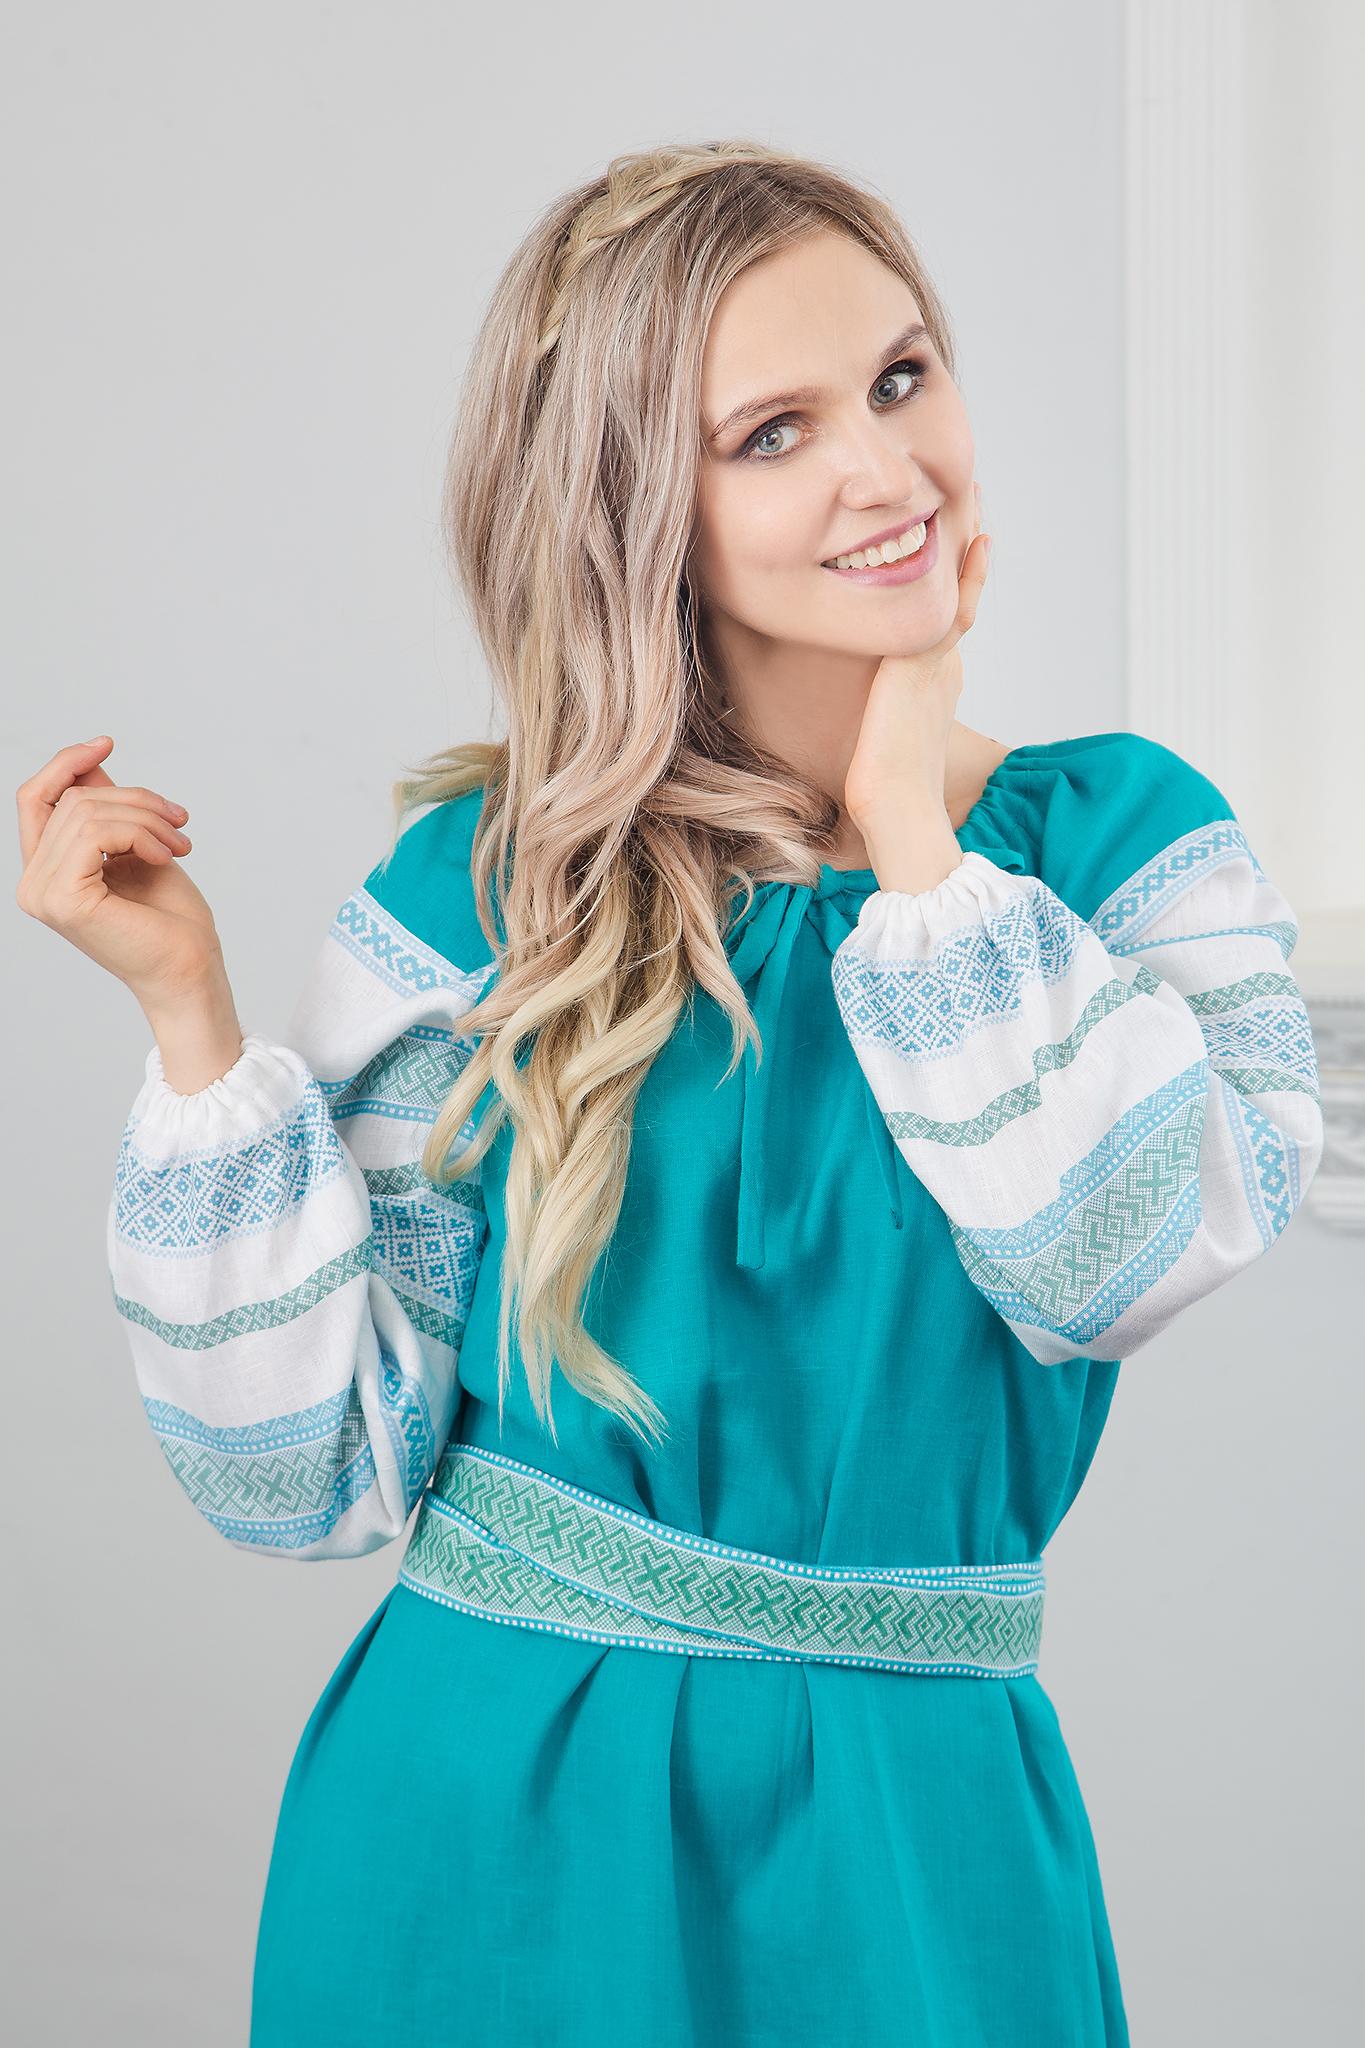 Модель в славянском платье Лазурь, увеличенный вид спереди